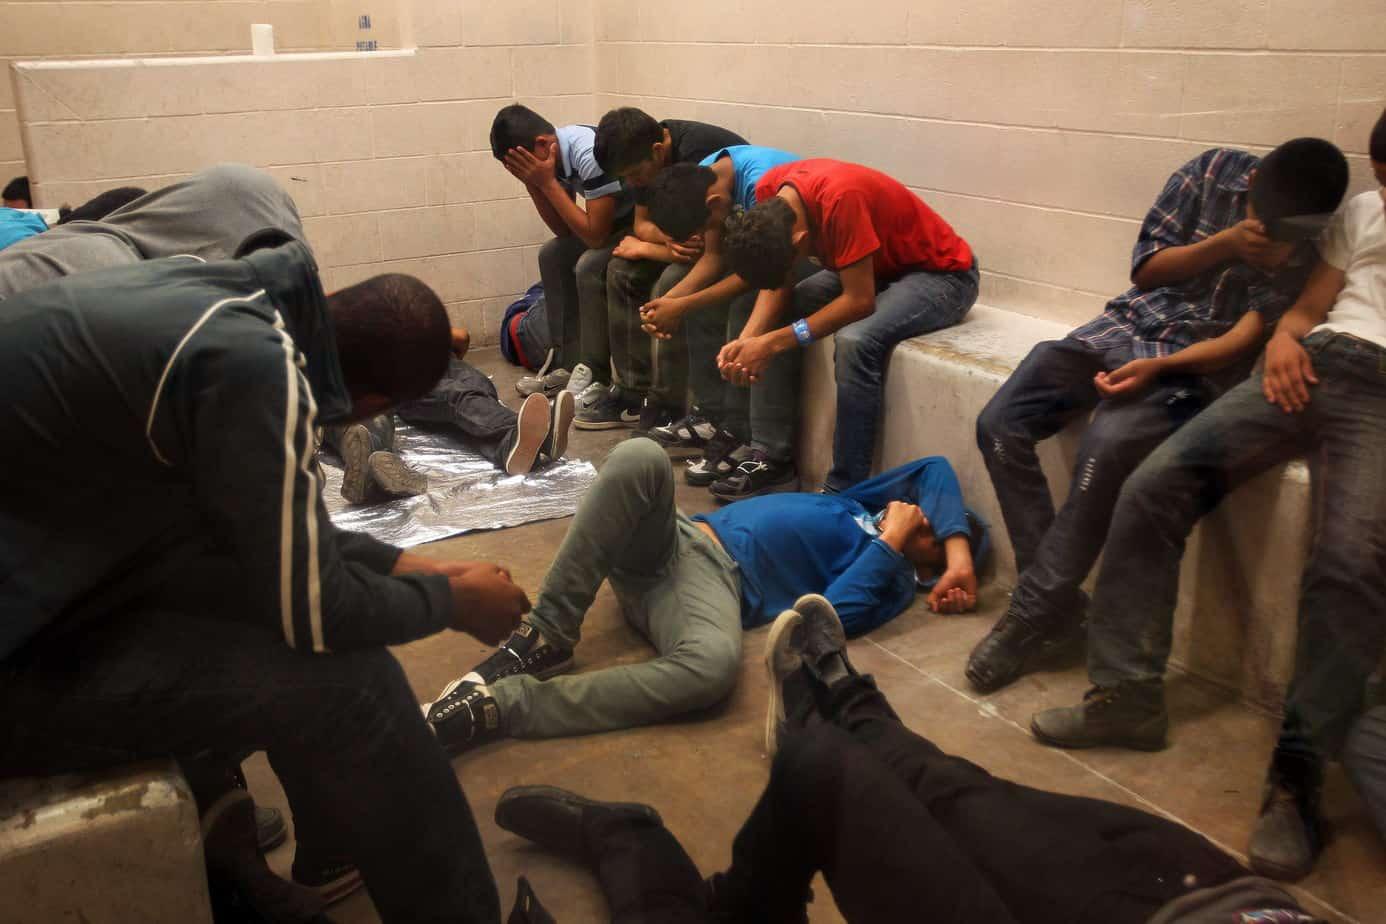 Miles de inmigrantes en confinamiento solitario en el país